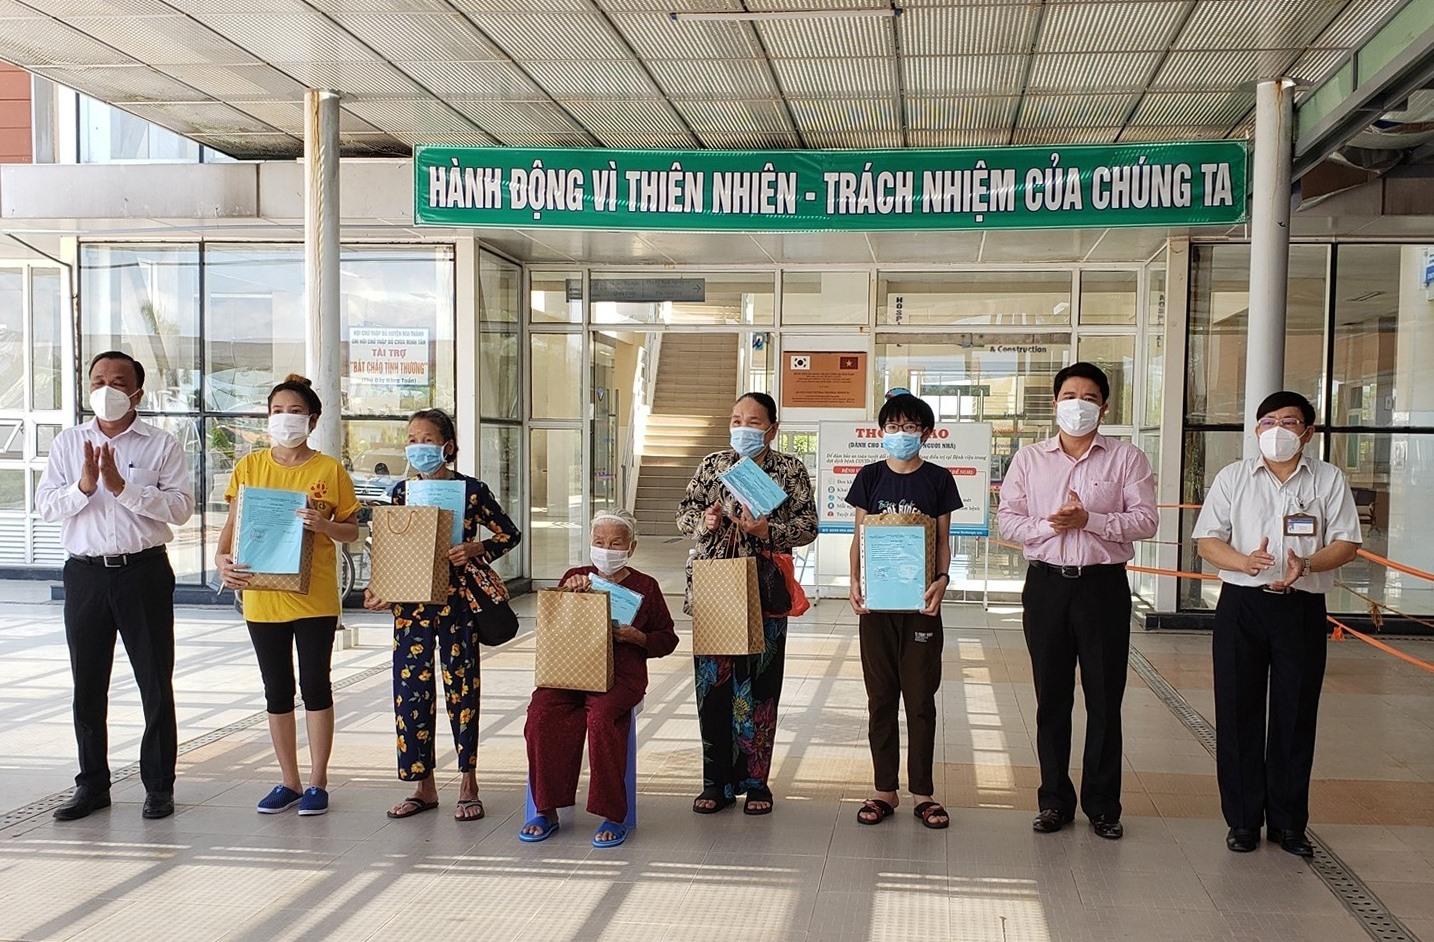 Bệnh viện Đa Khoa Trung ương Quảng Nam tổ chức cho xuất viện 5 bệnh nhân mắc Covid-19 đã khỏi bệnh. ẢNH: QT